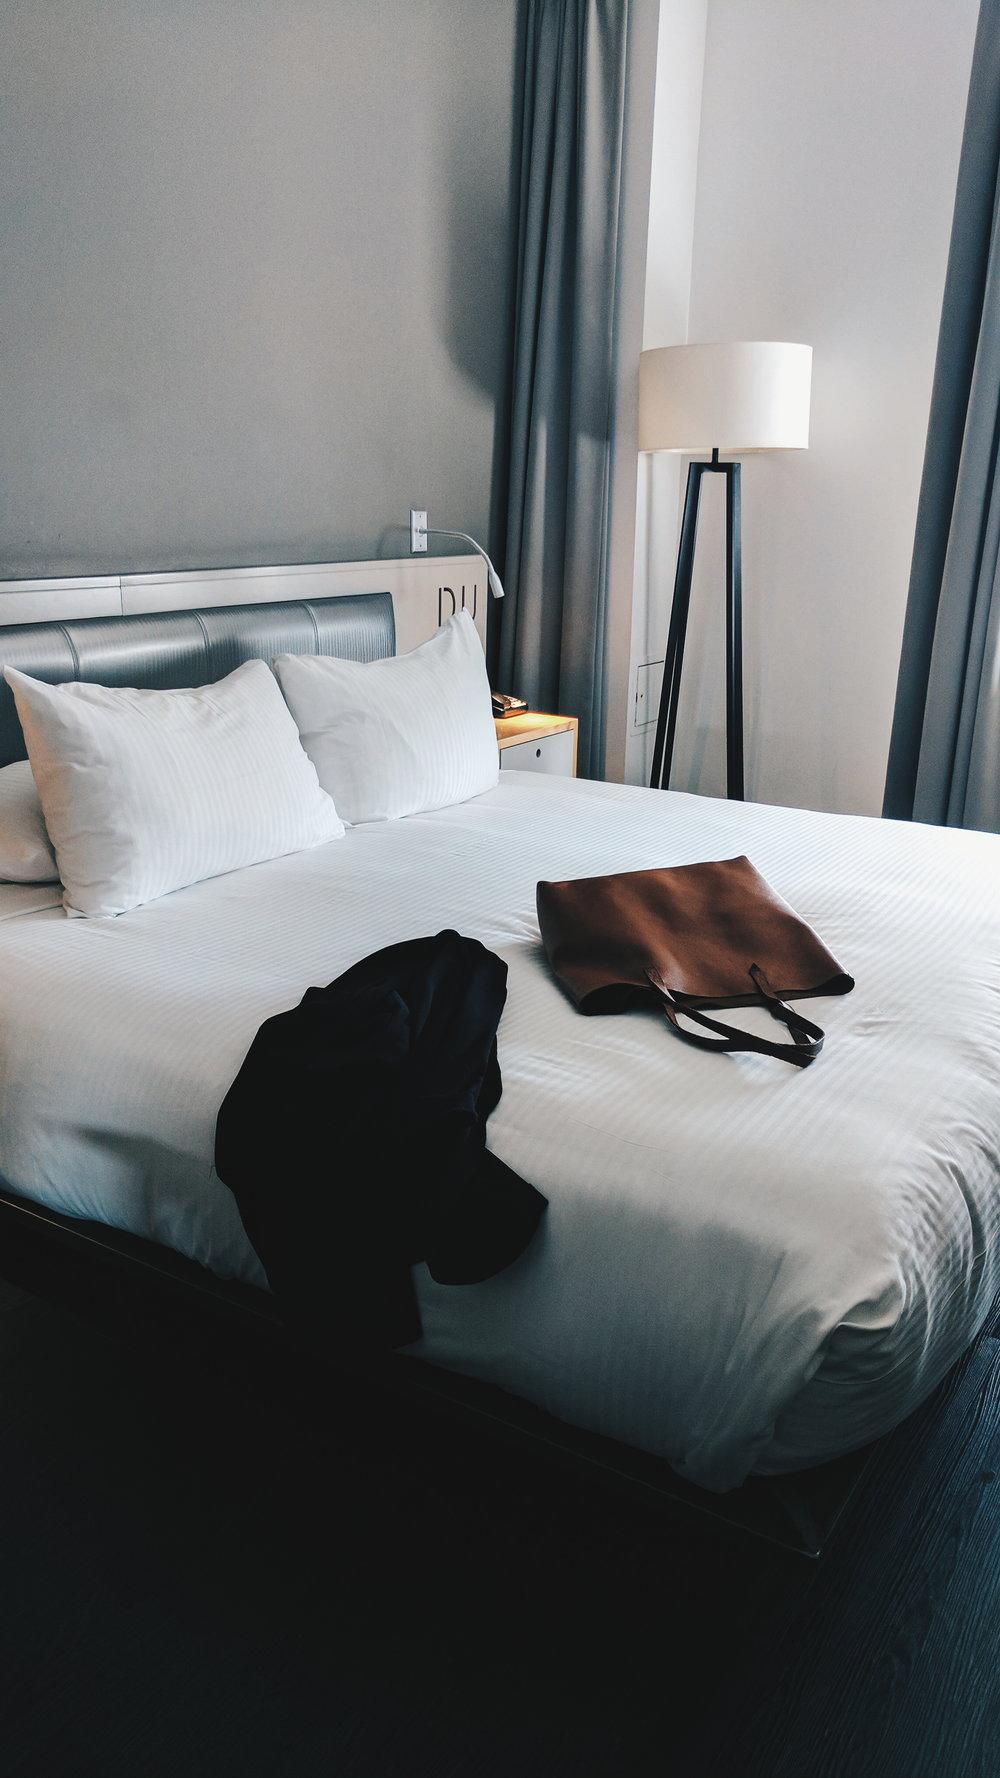 NU Hotel Boerum Hill 1